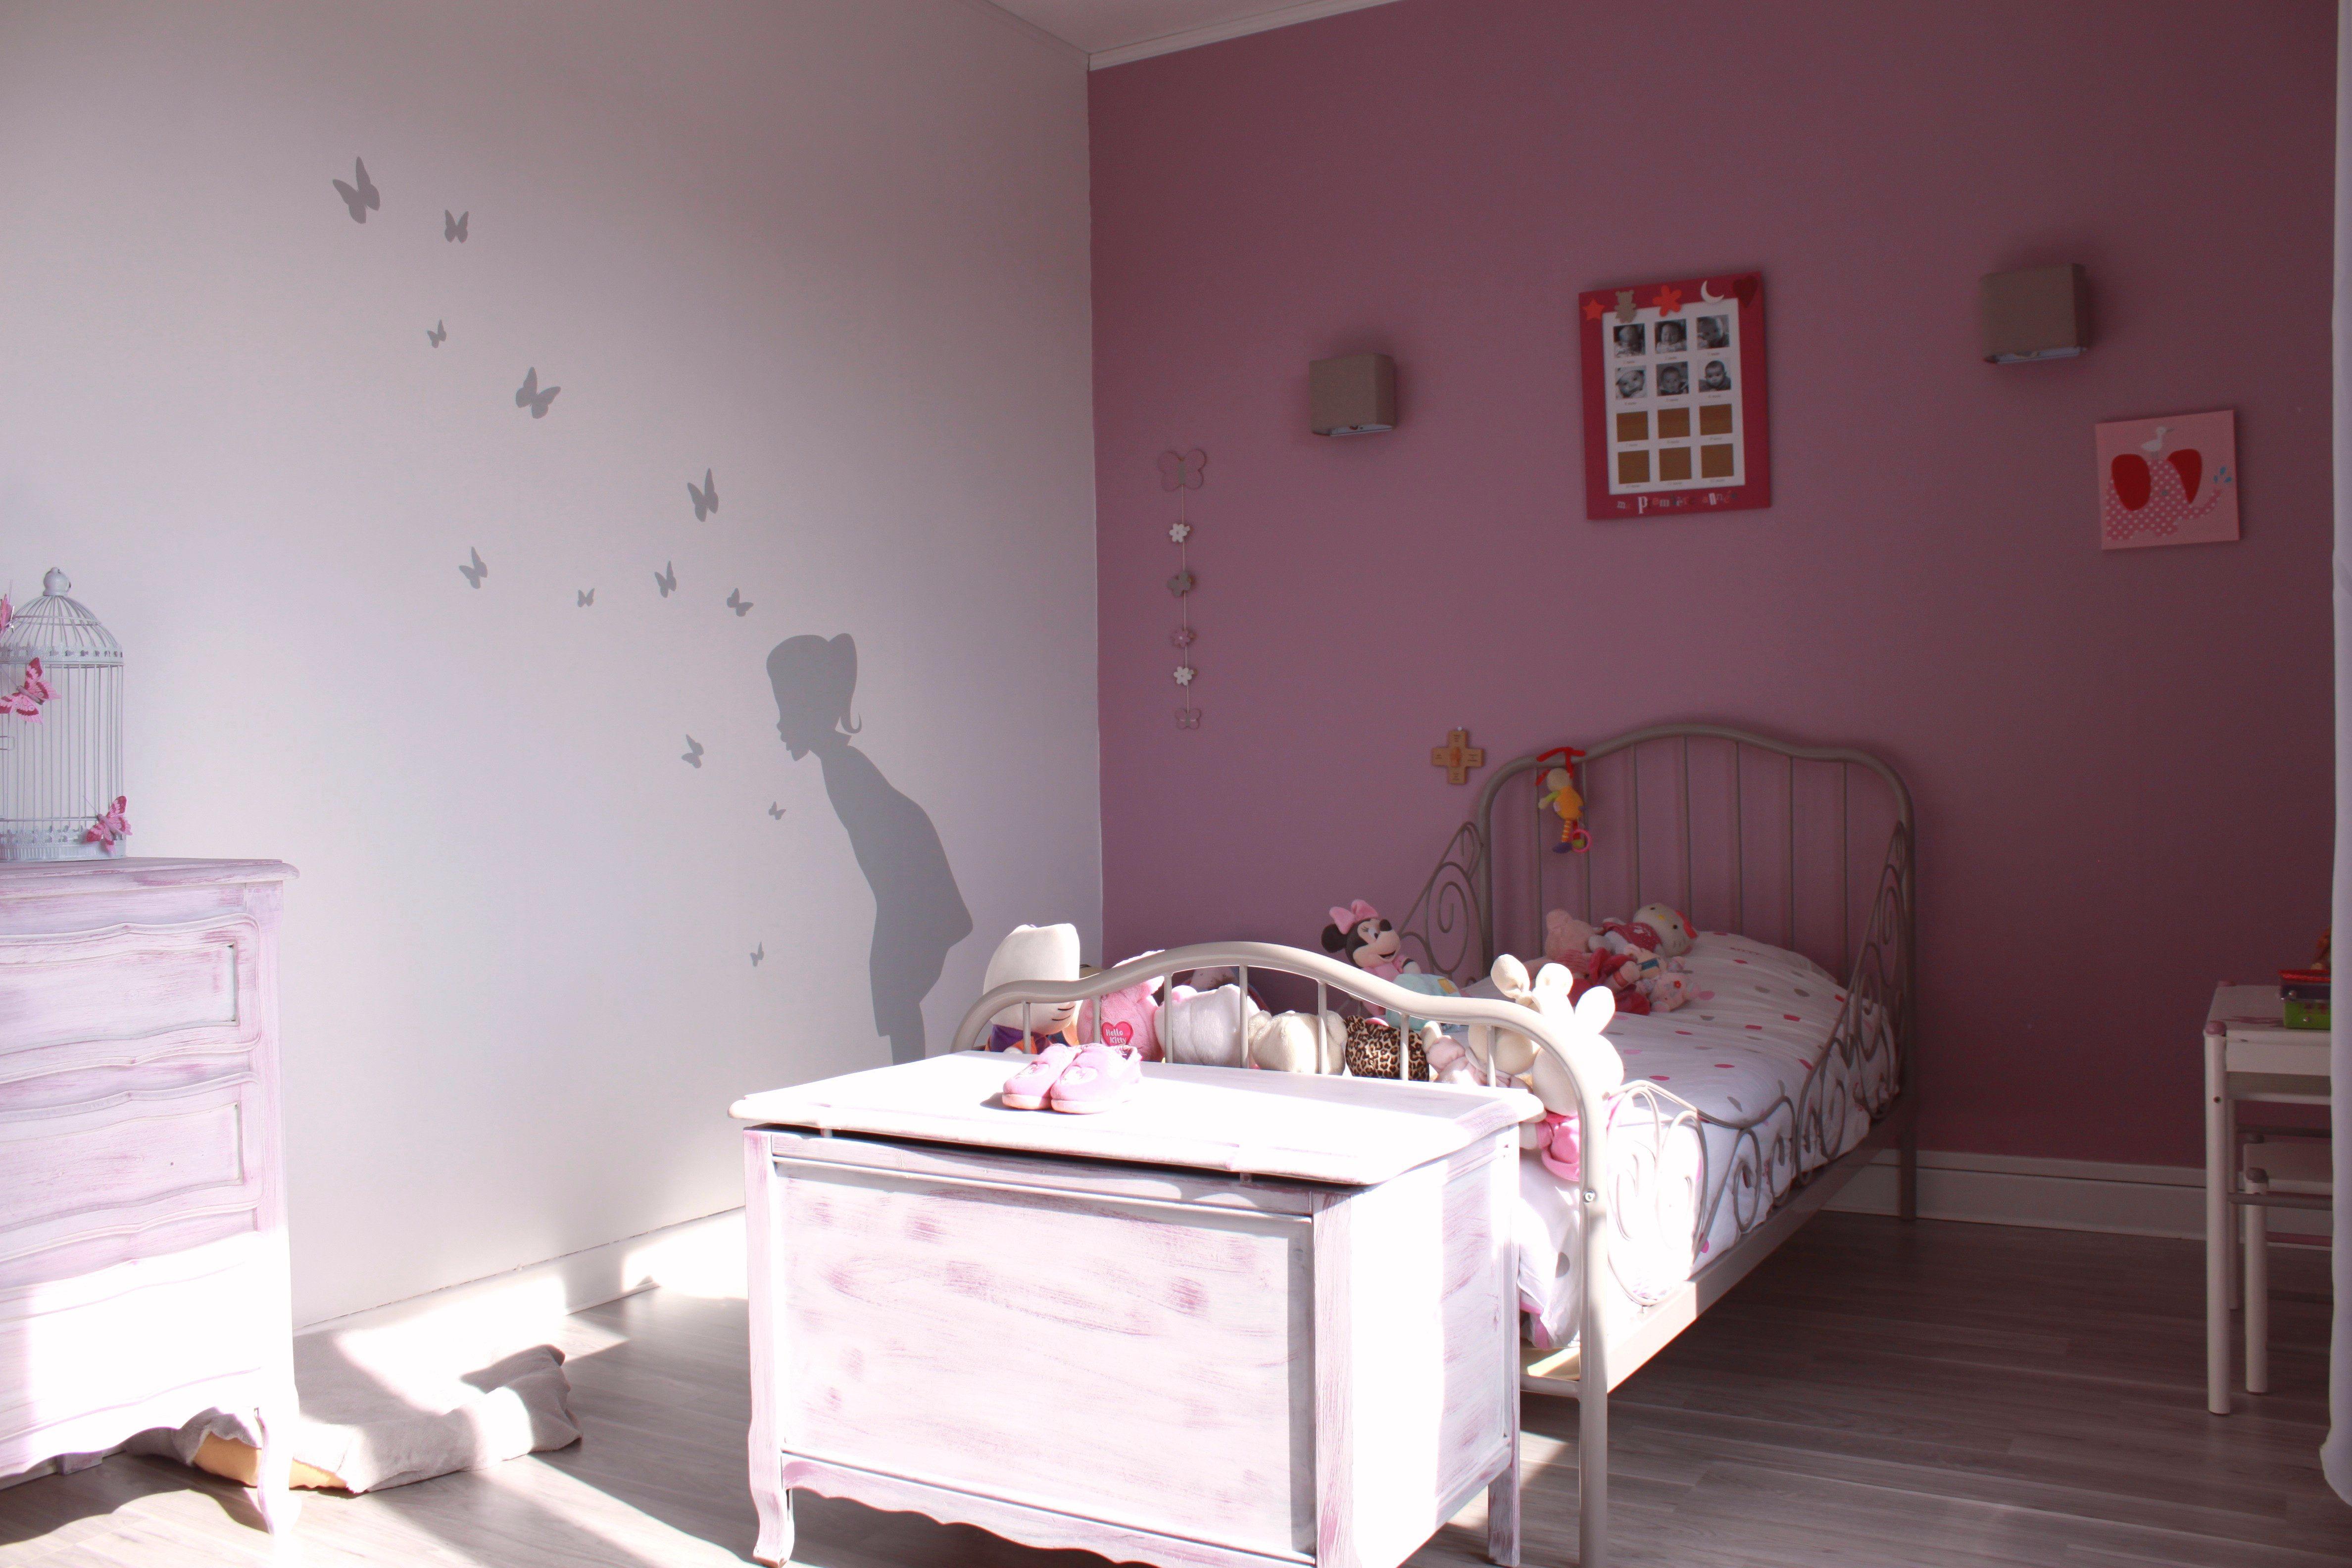 Lit Bébé Suspendu Inspiré 26 Charmant Meilleure Baignoire Bébé